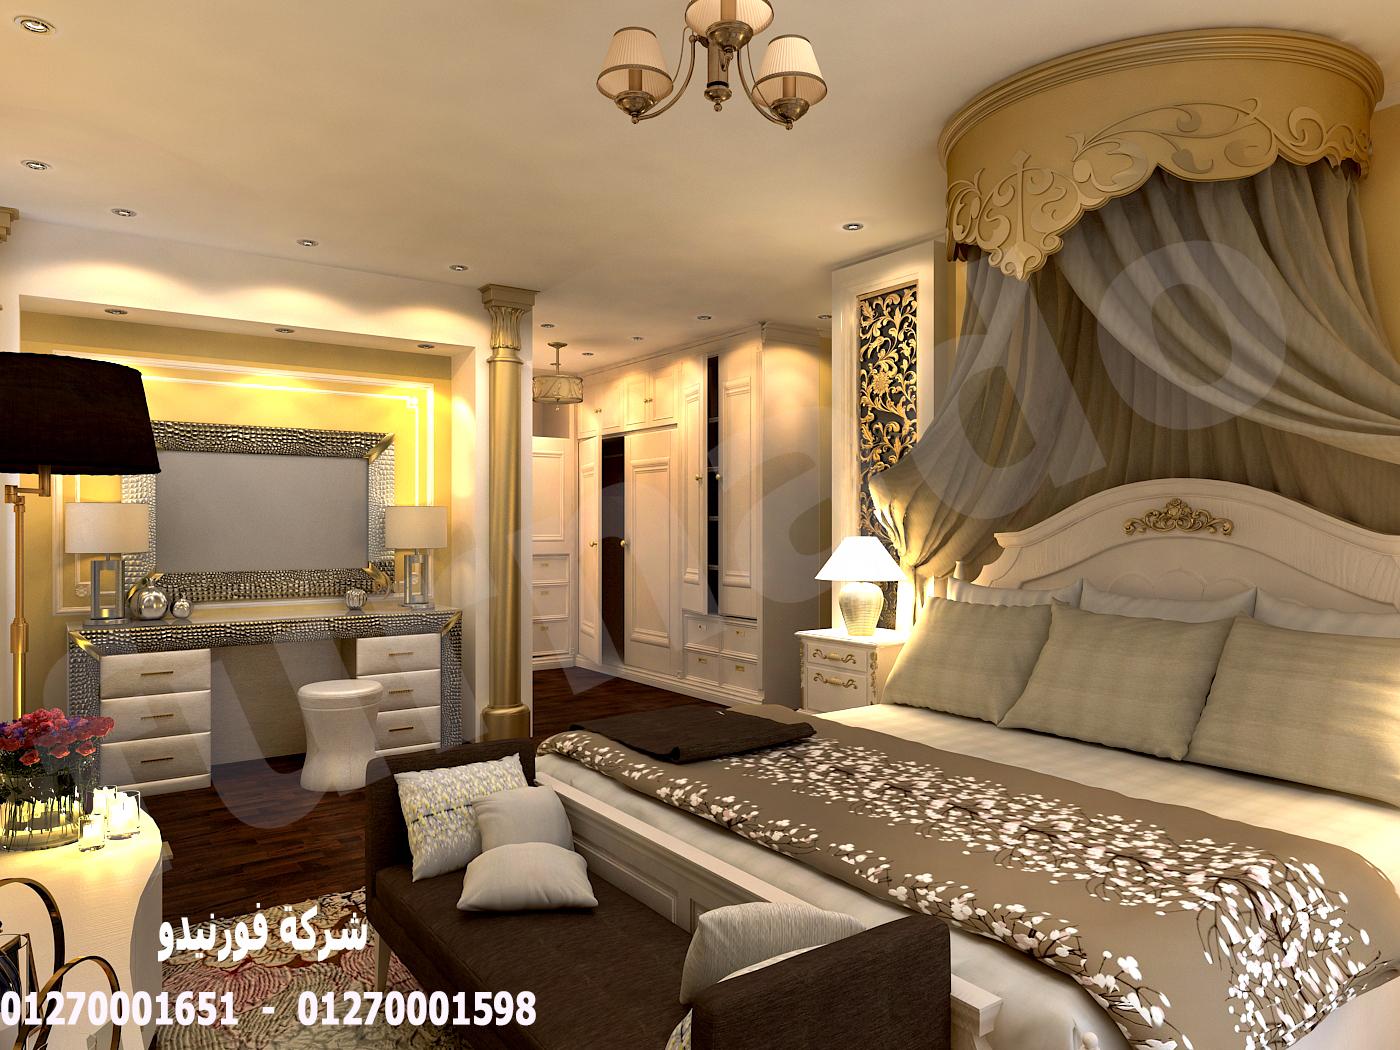 شركة ديكورات مصر/+-*/ عروض على التشطيب  حتى 15 ابريل  01270001651